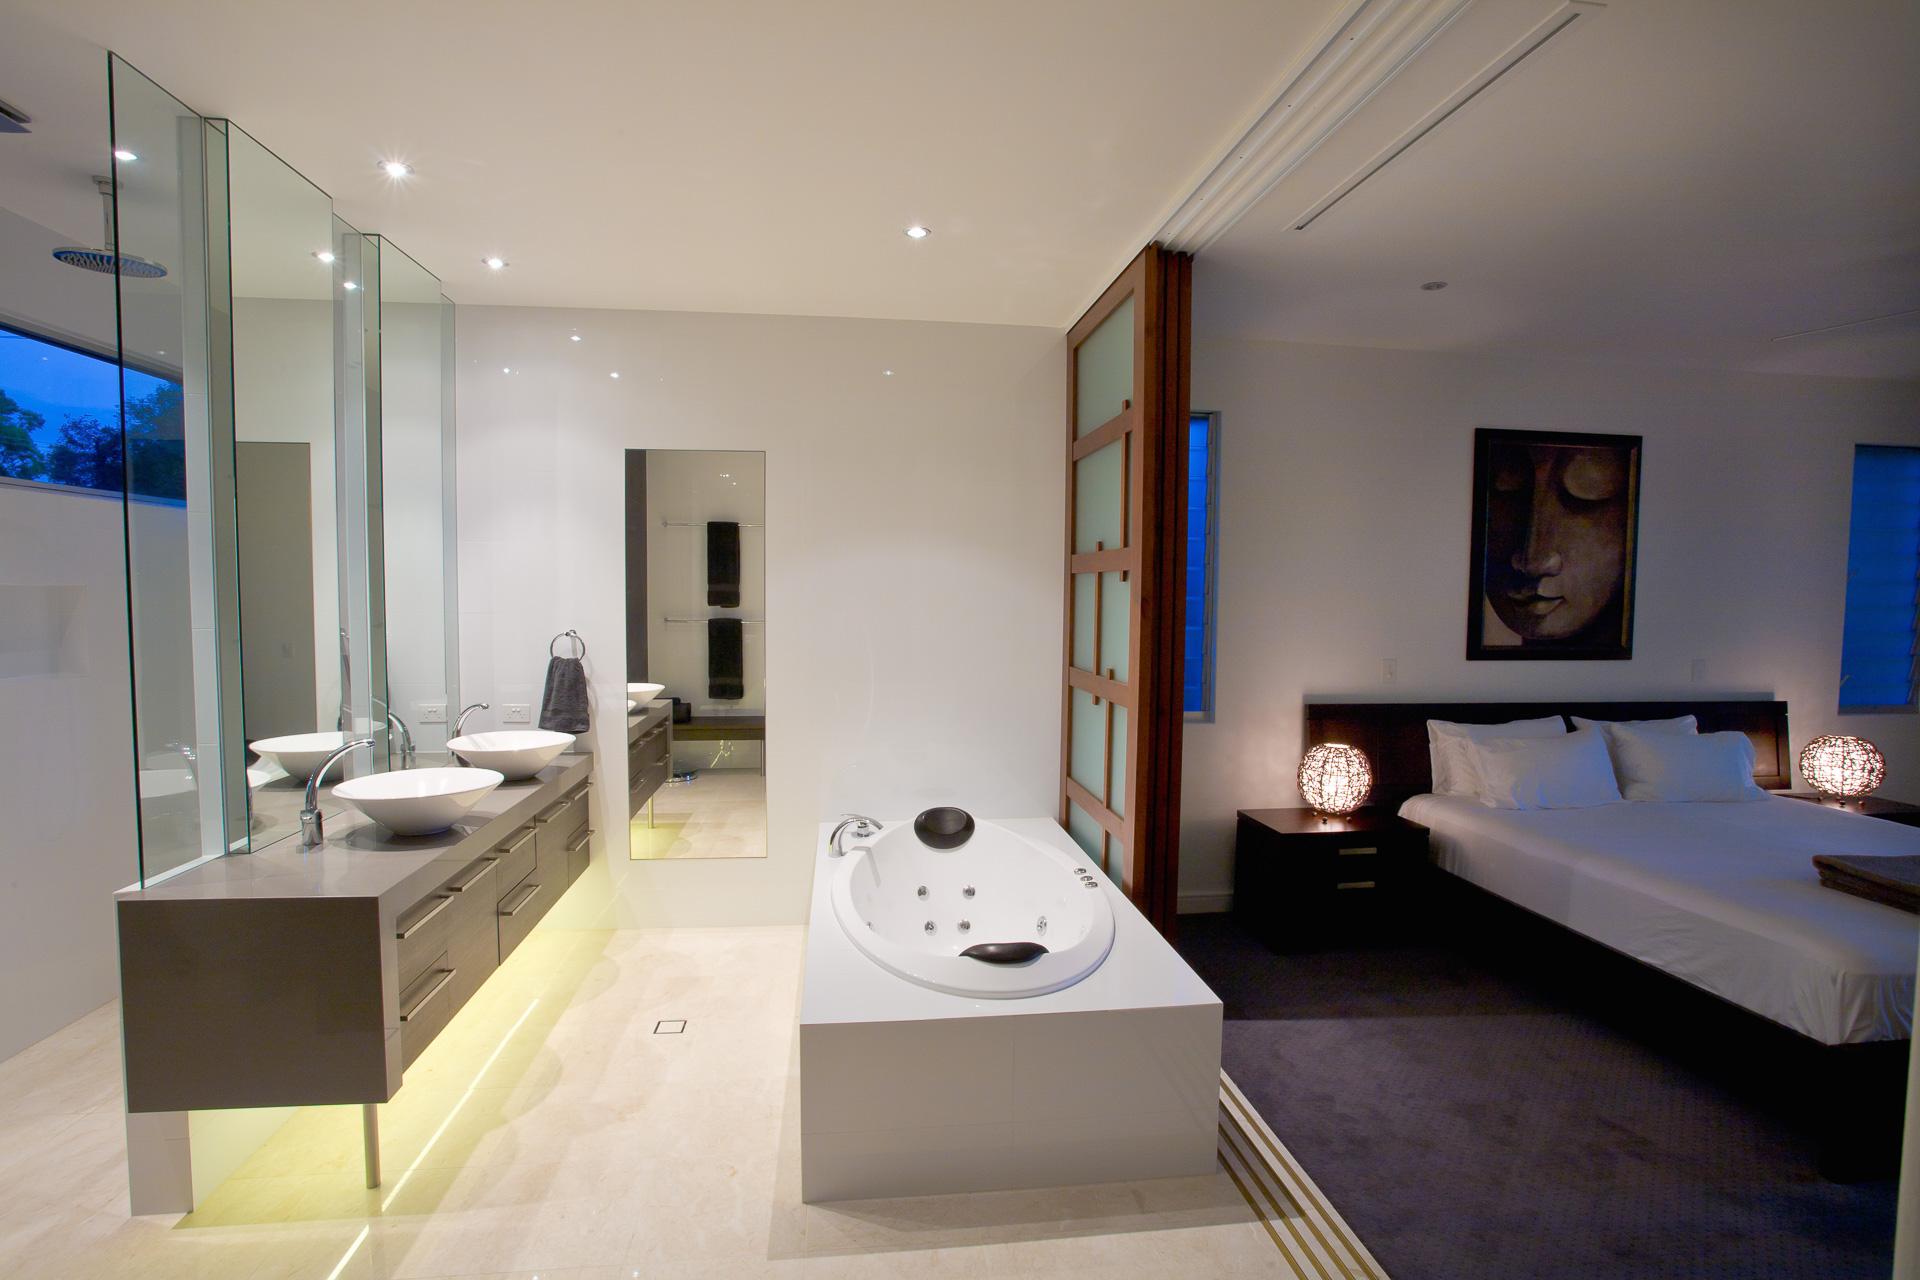 bathroom, vanity, ensuite, new age veneers, caesarstone, mirror, luxury, minka joinery